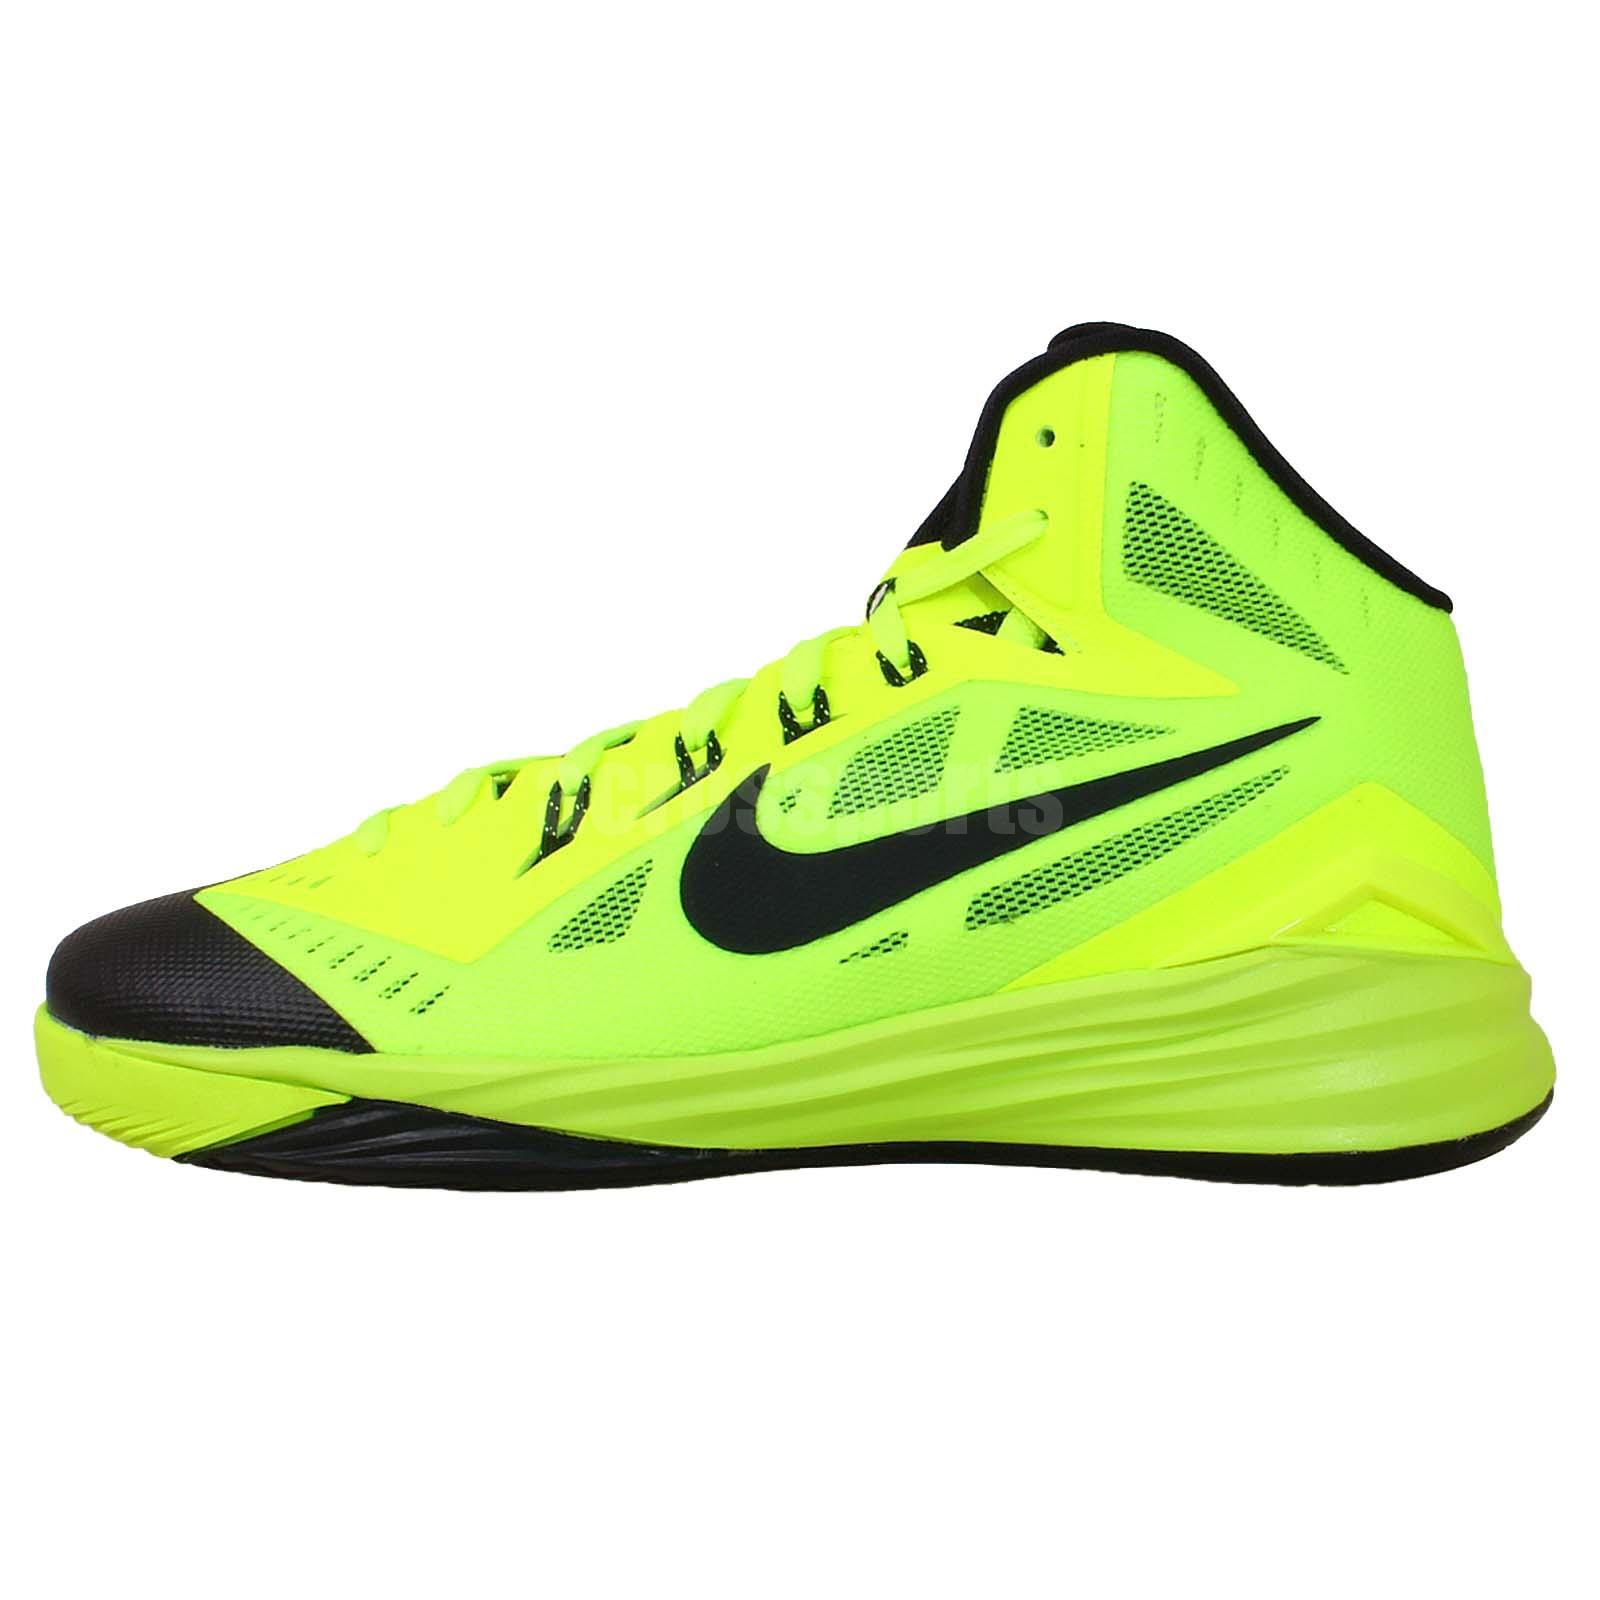 Nike Hyperdunk 2014 GS Volt Black 2014 Boys Youth ...